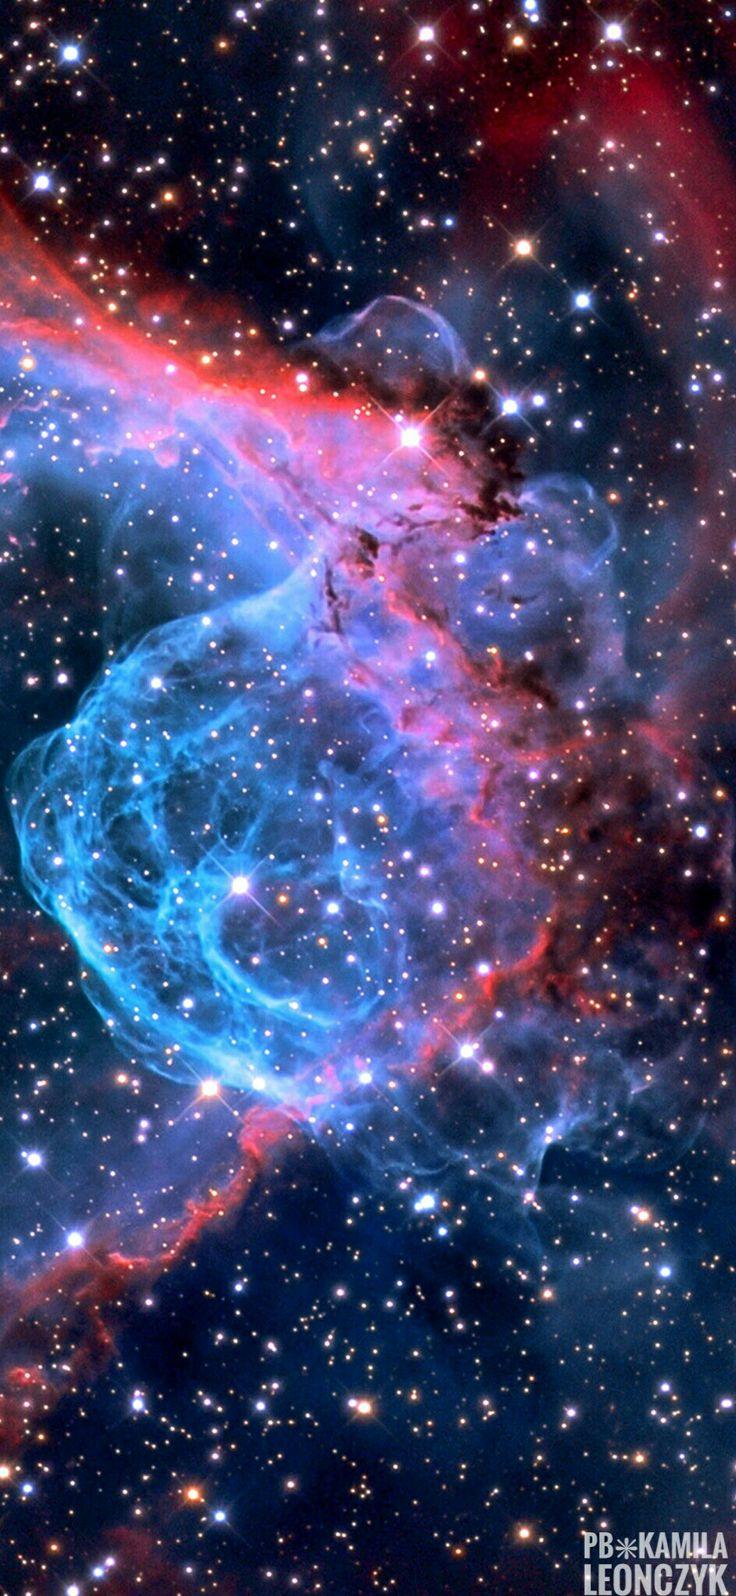 Thor's Helmet Emission Nebula